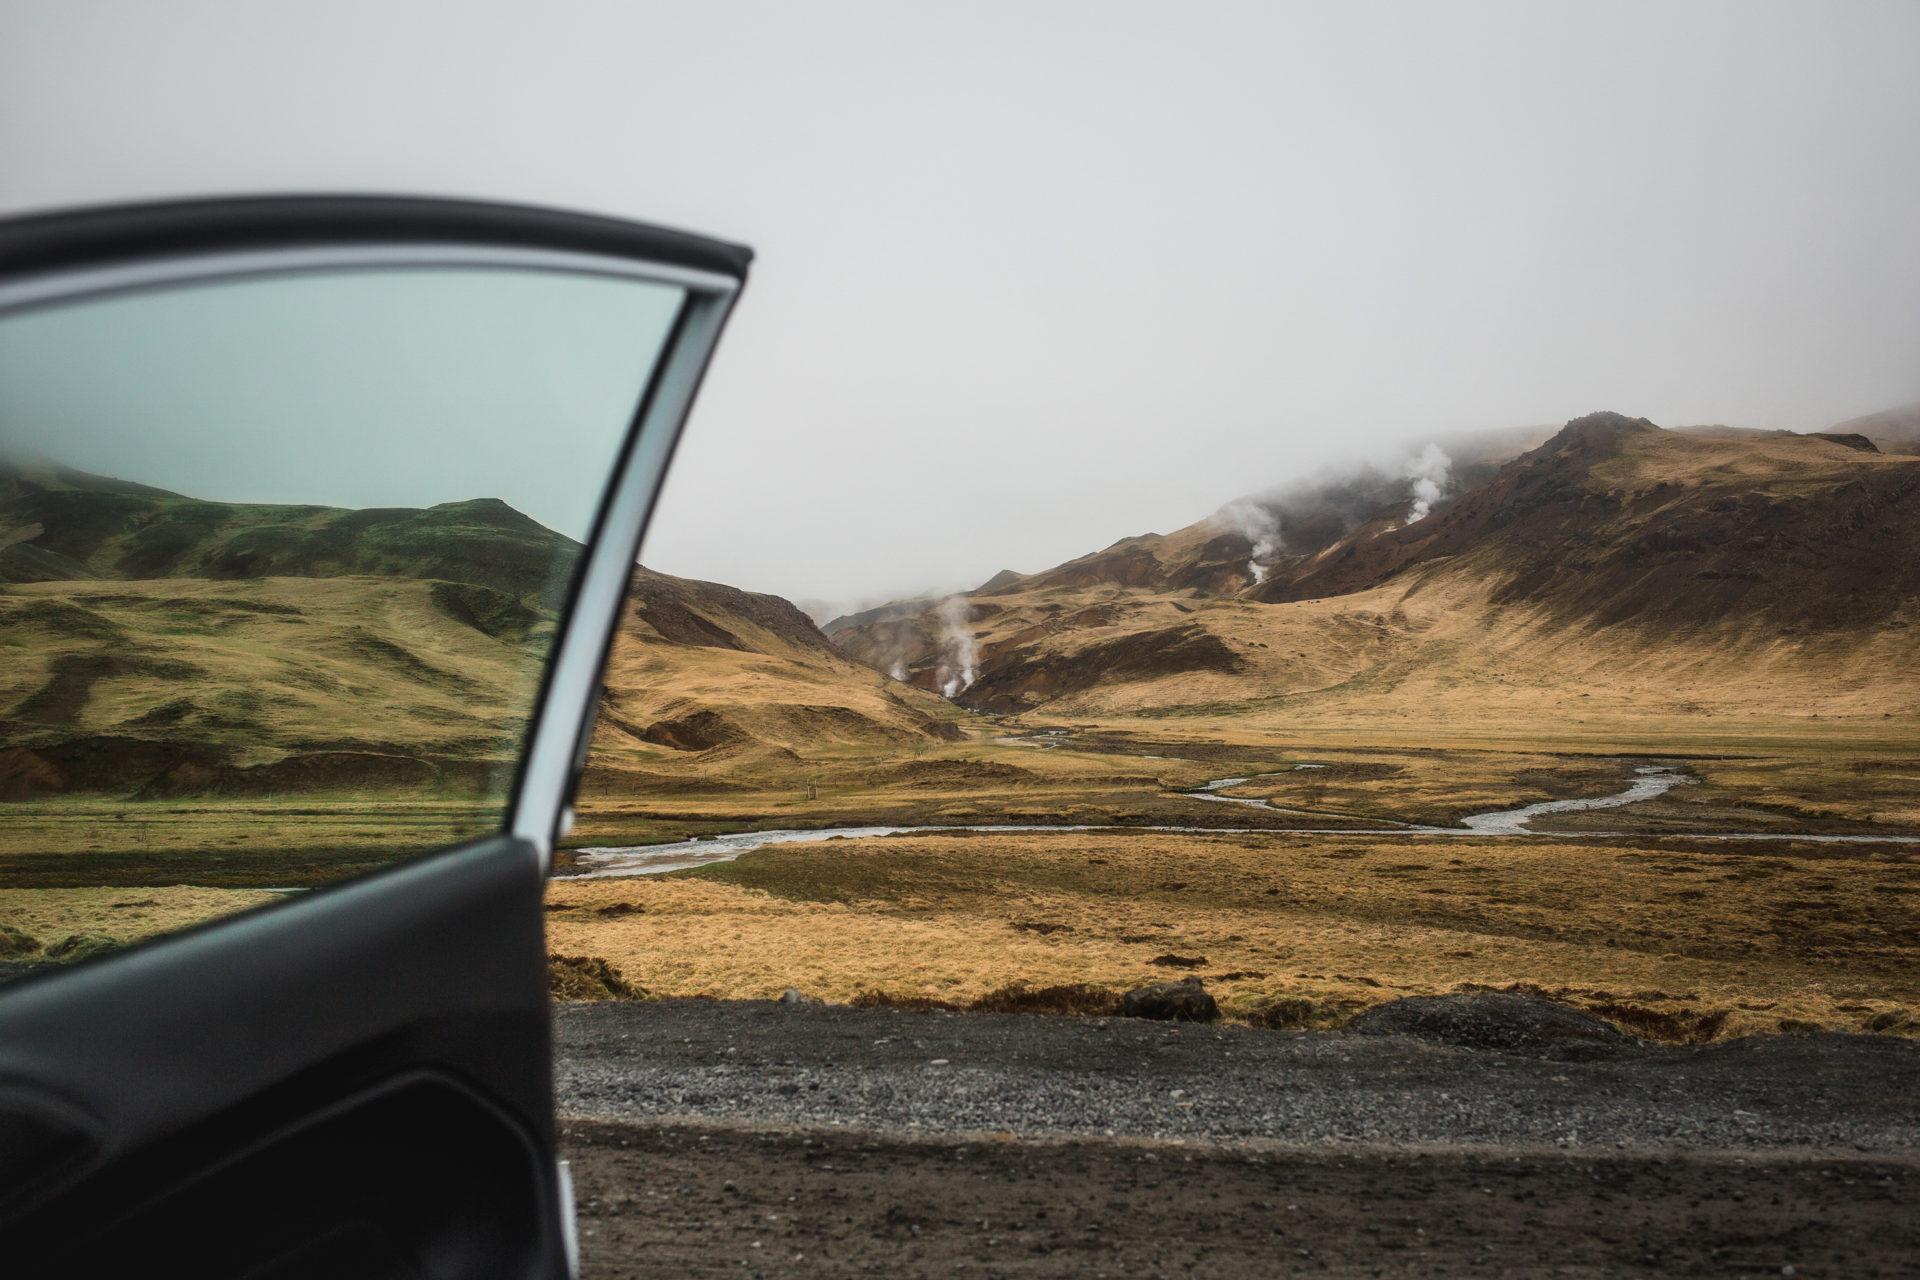 Iceland_Island_0019_Carolin-Weinkopf